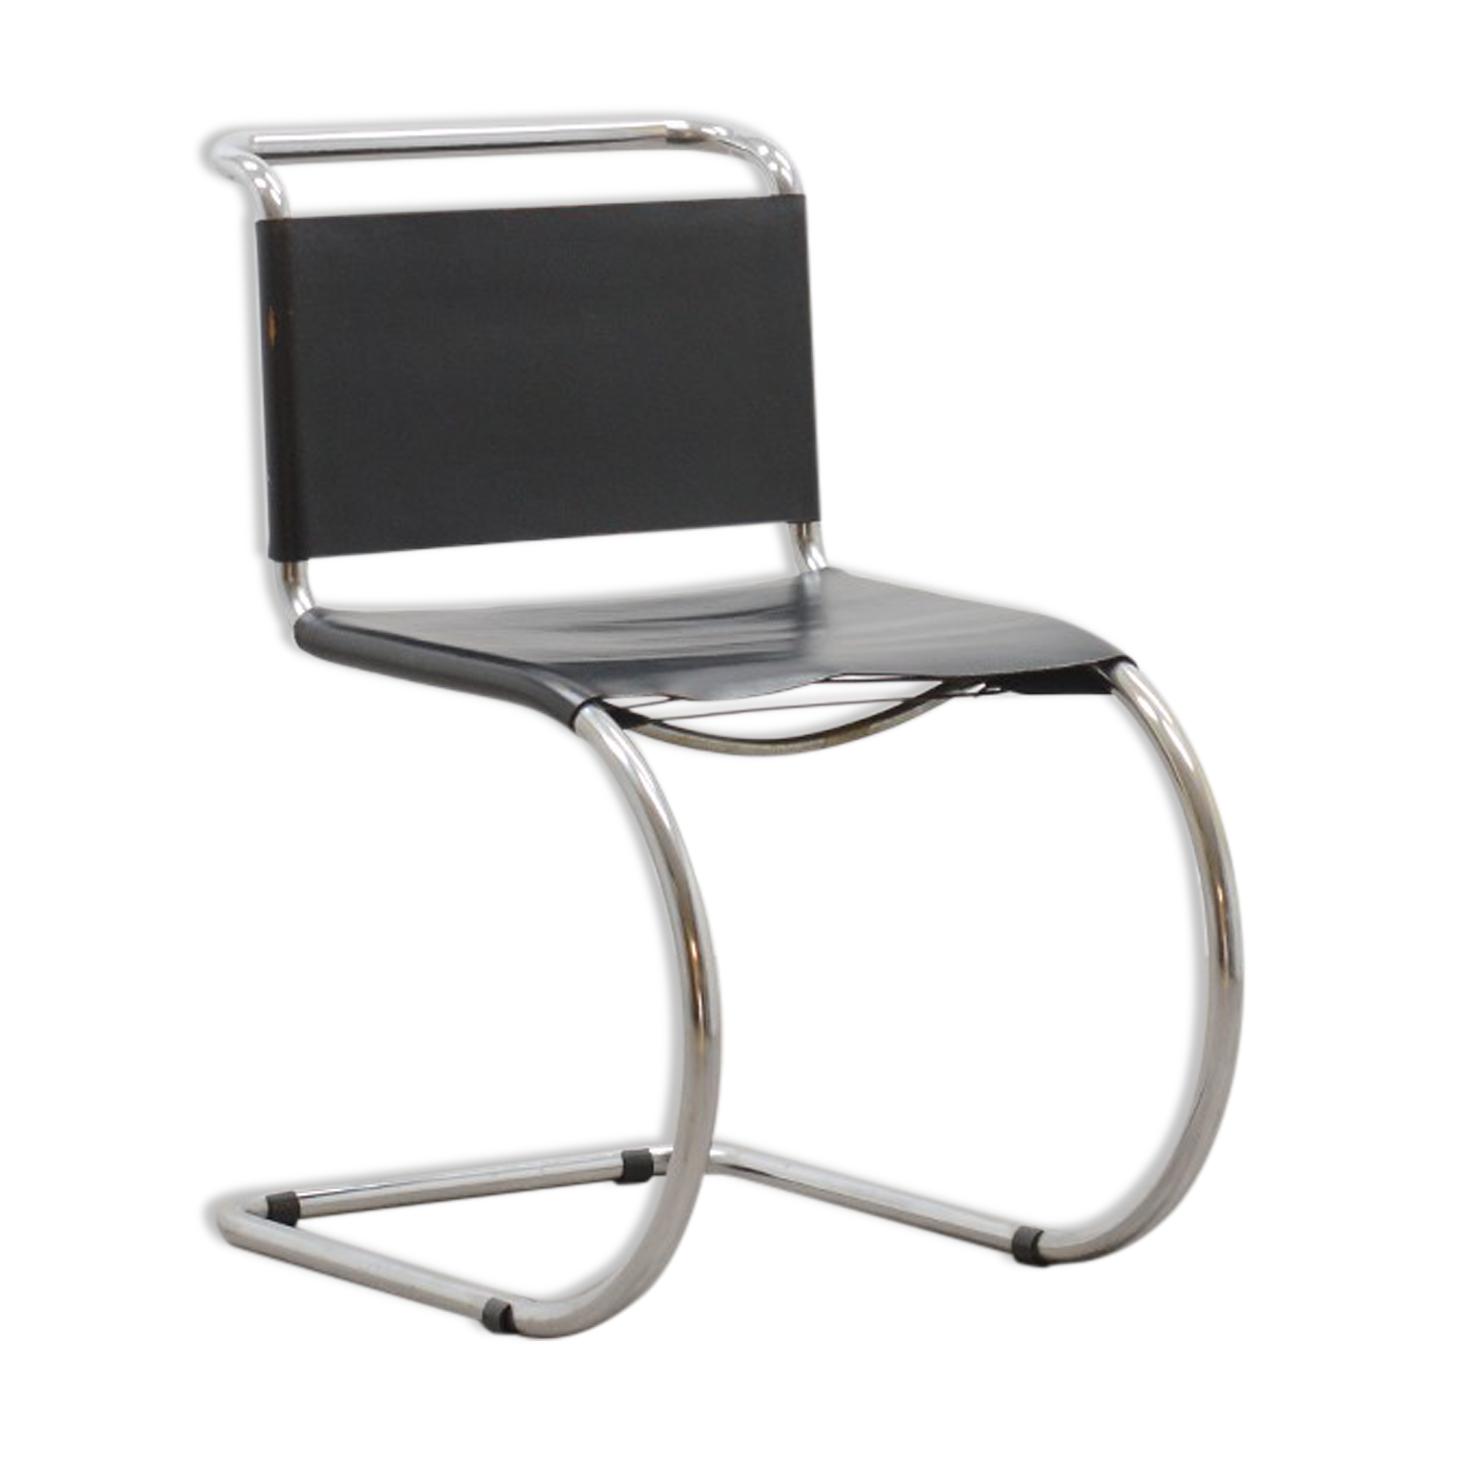 Chaise en porte-à-faux MR10 par Ludwig Mies van der Rohe 60